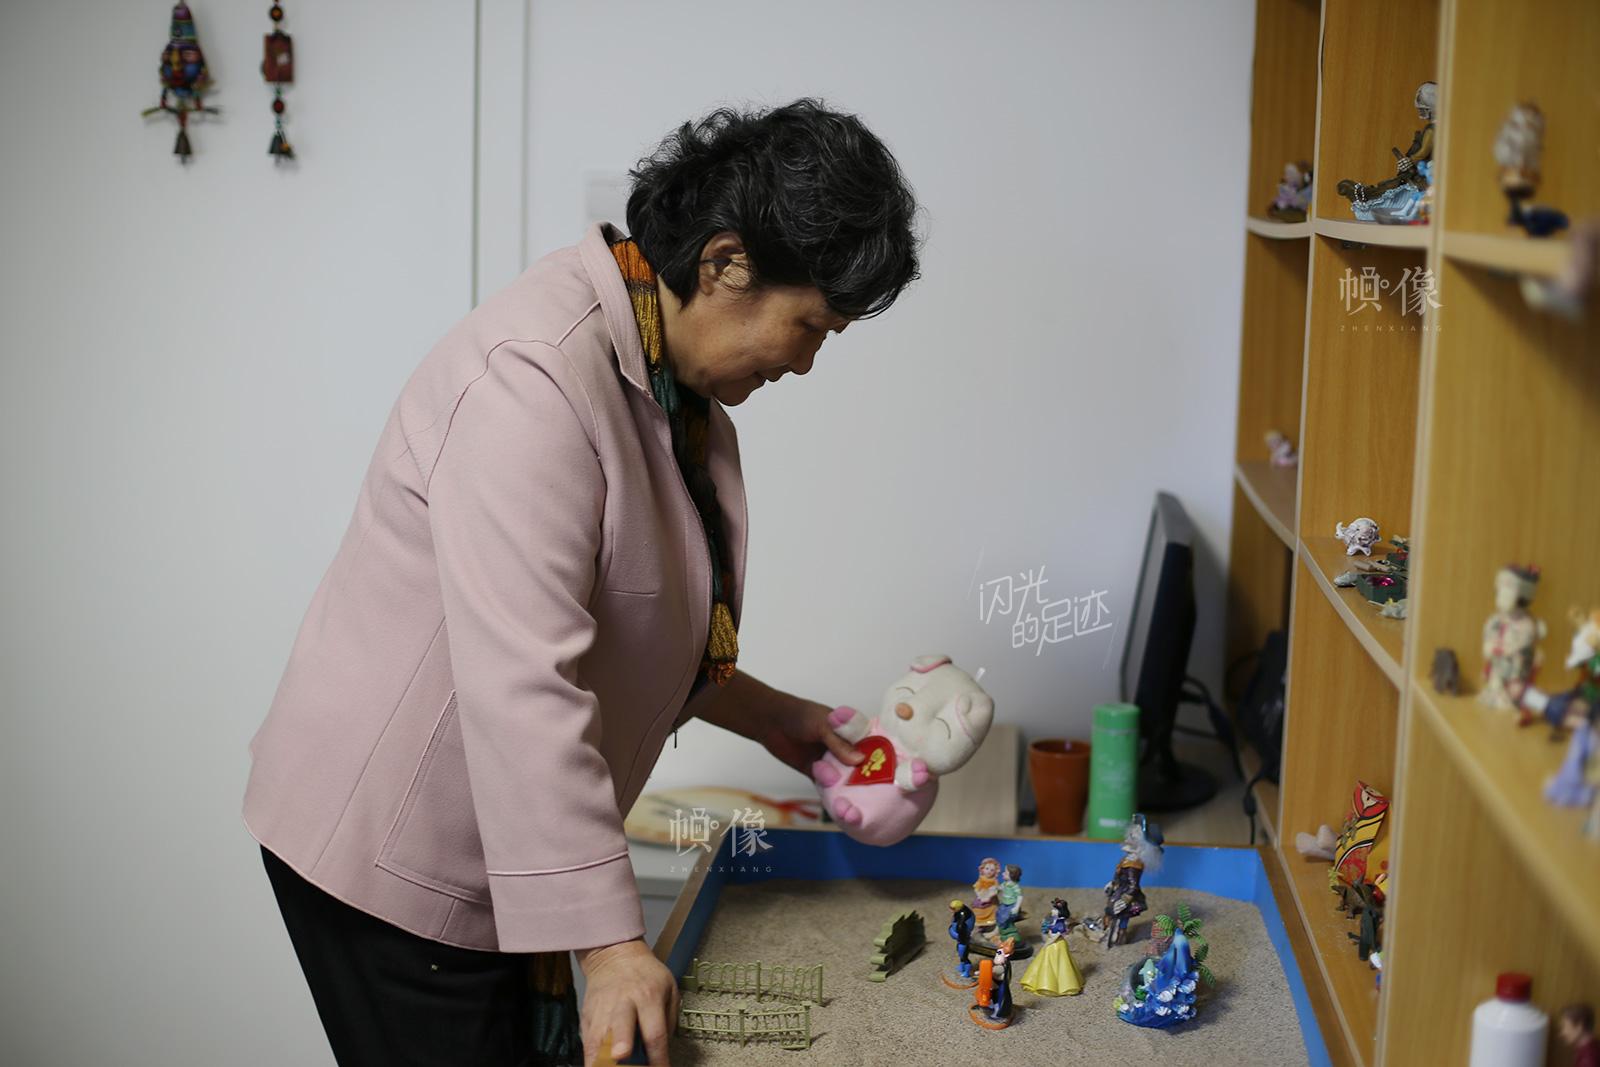 沙盘游戏疗法本身不但可以起到心理诊断与治疗的作用,同时还可以起到心理辅导与教育作用。中国网记者 吴闻达 摄